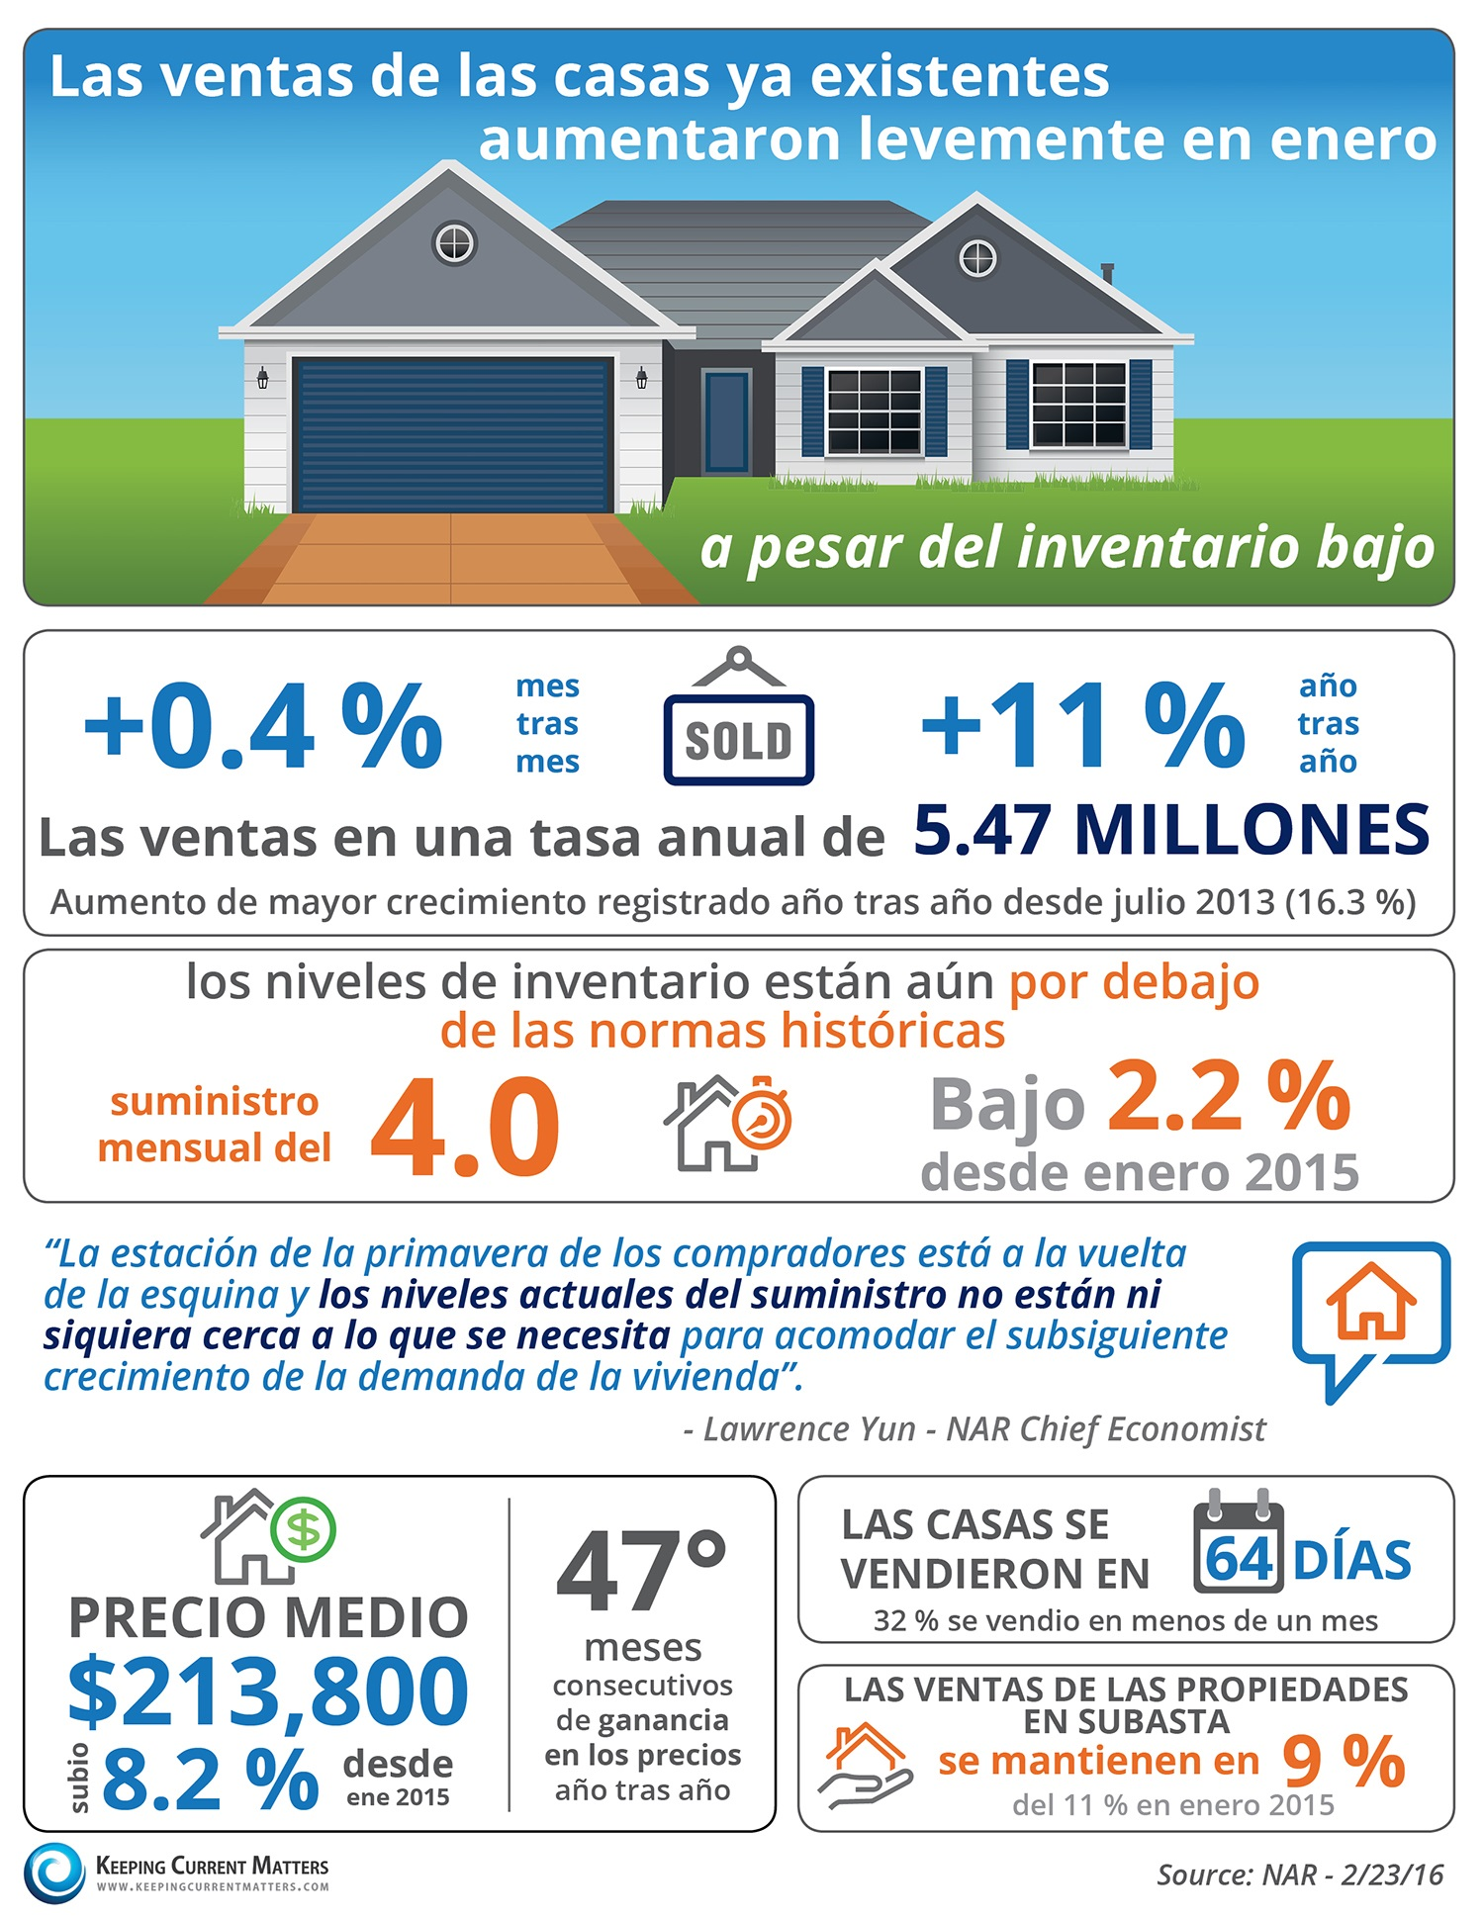 Las ventas de las casas ya existentes aumentaron levemente en enero [INFOGRAFÍA]| Keeping Current Matters